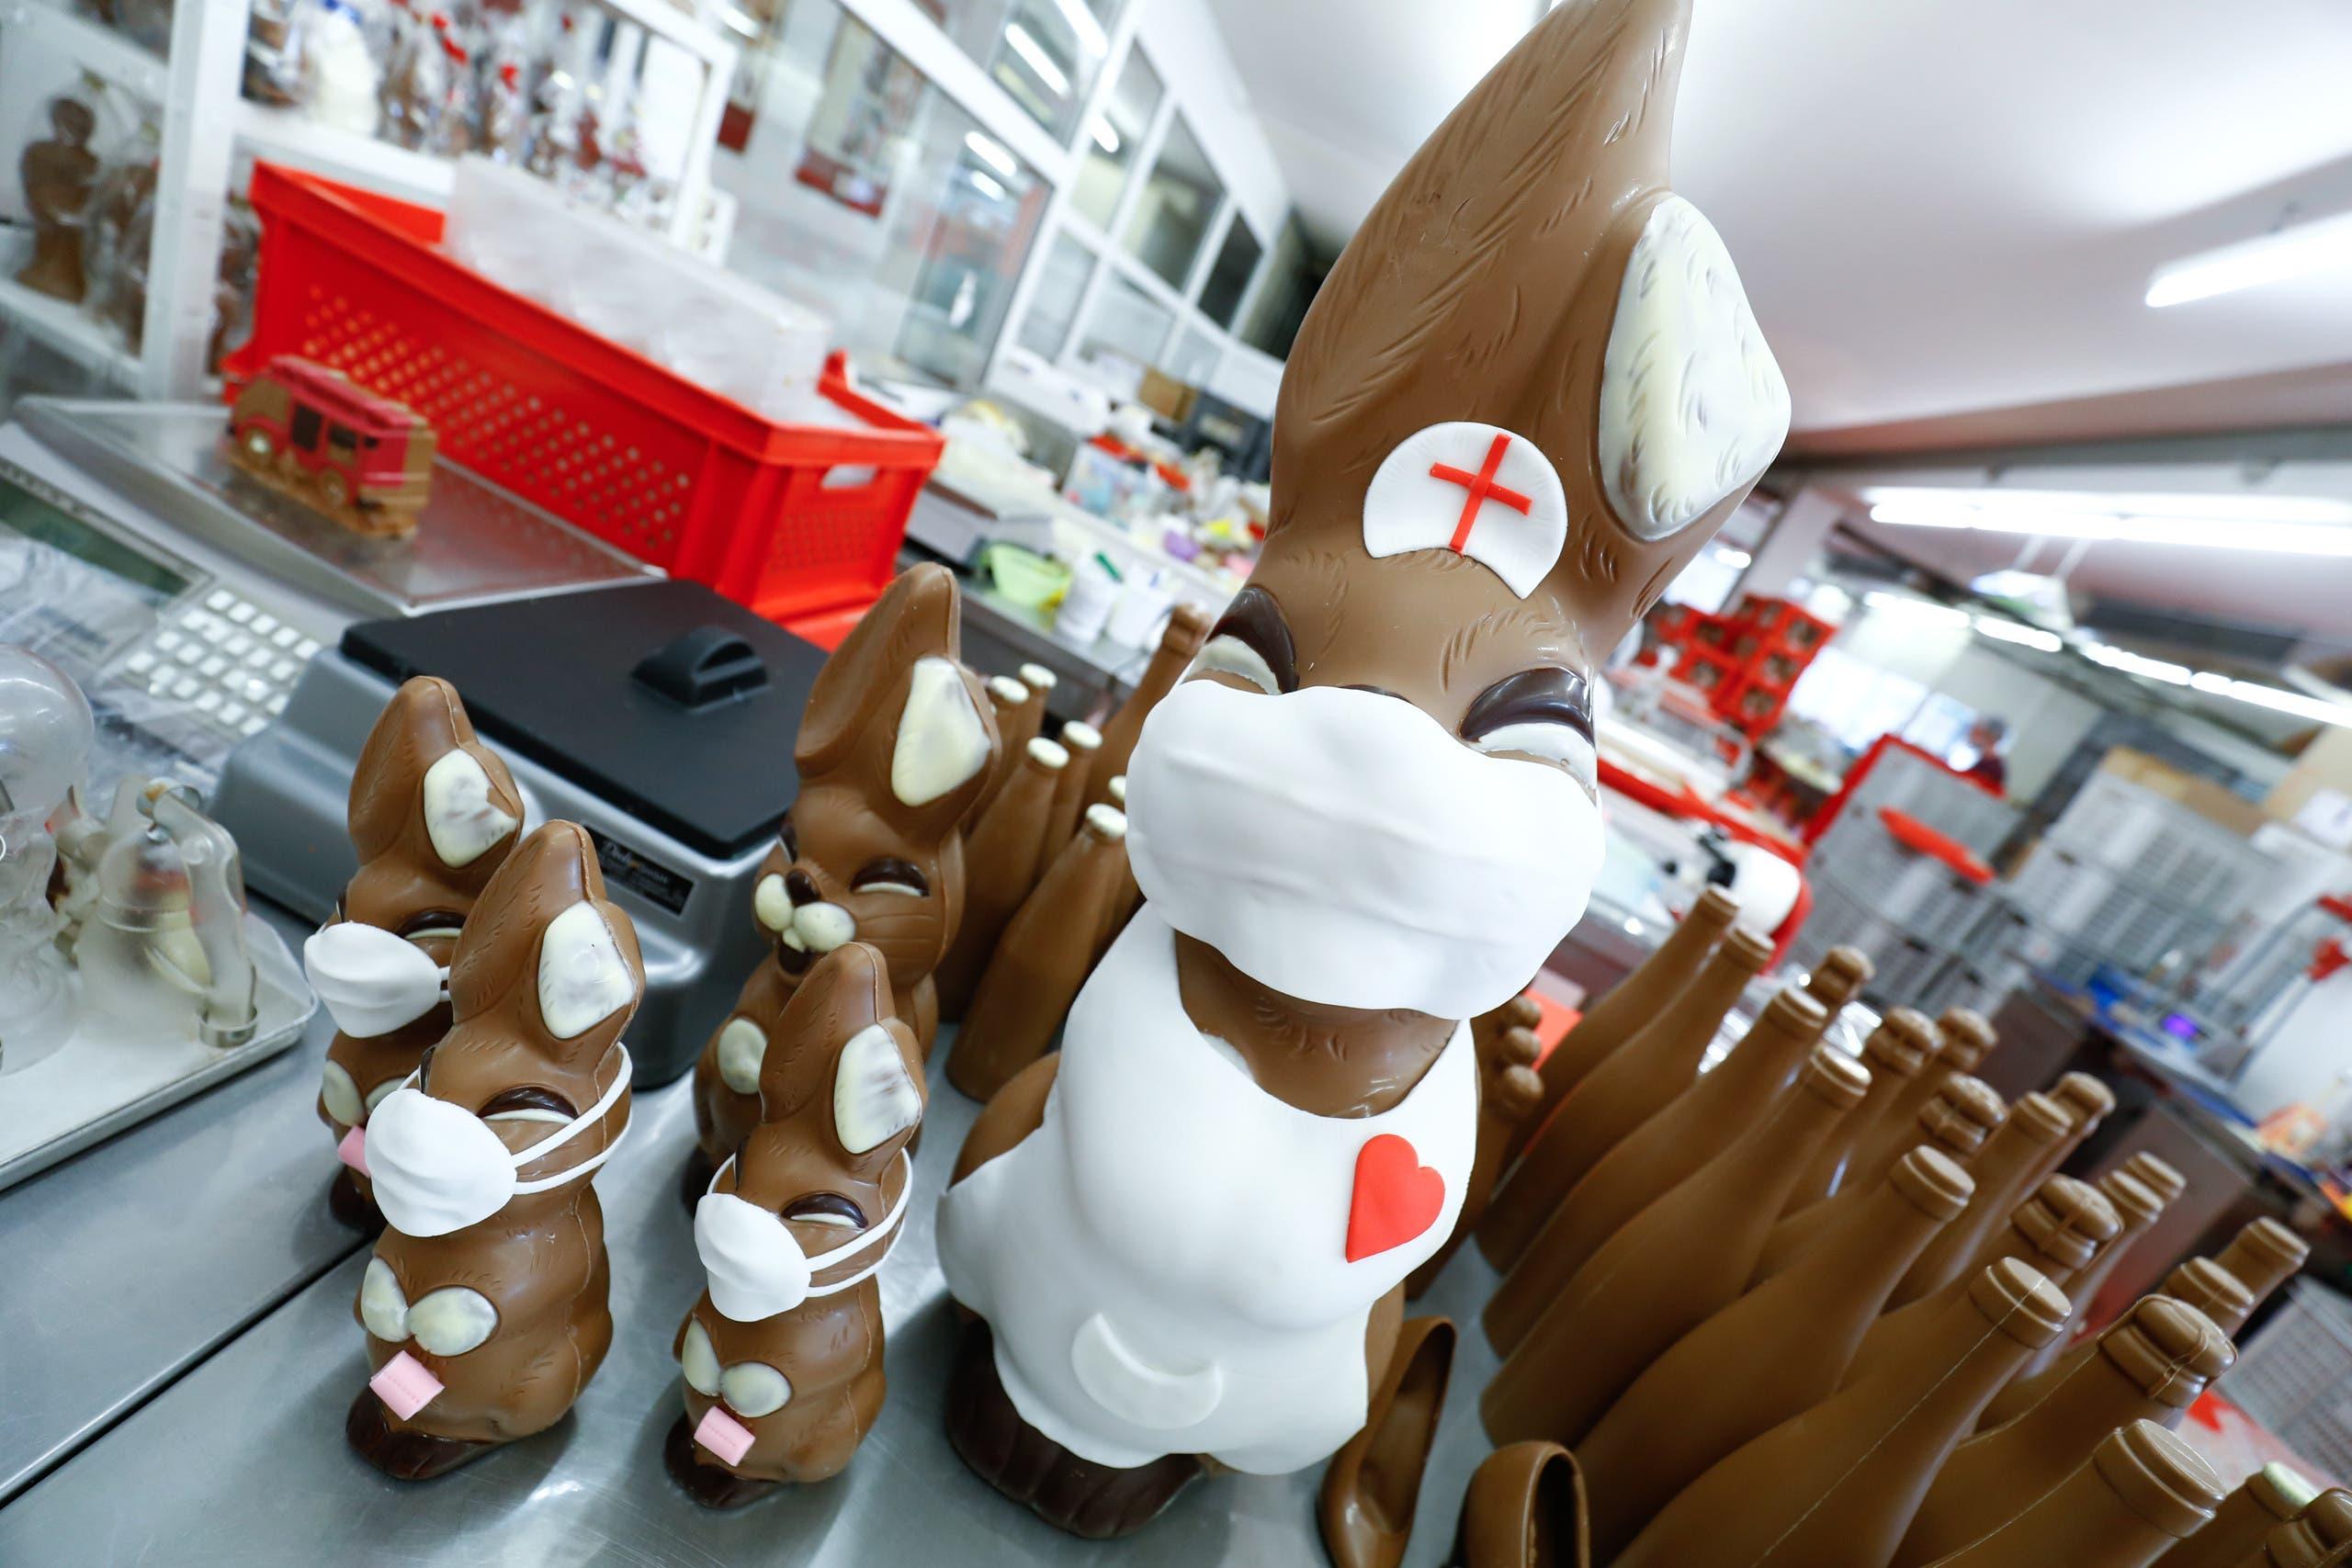 أرانب من الشوكولاتة بلباس الممرضات ترتدي كمامات في سويسرا